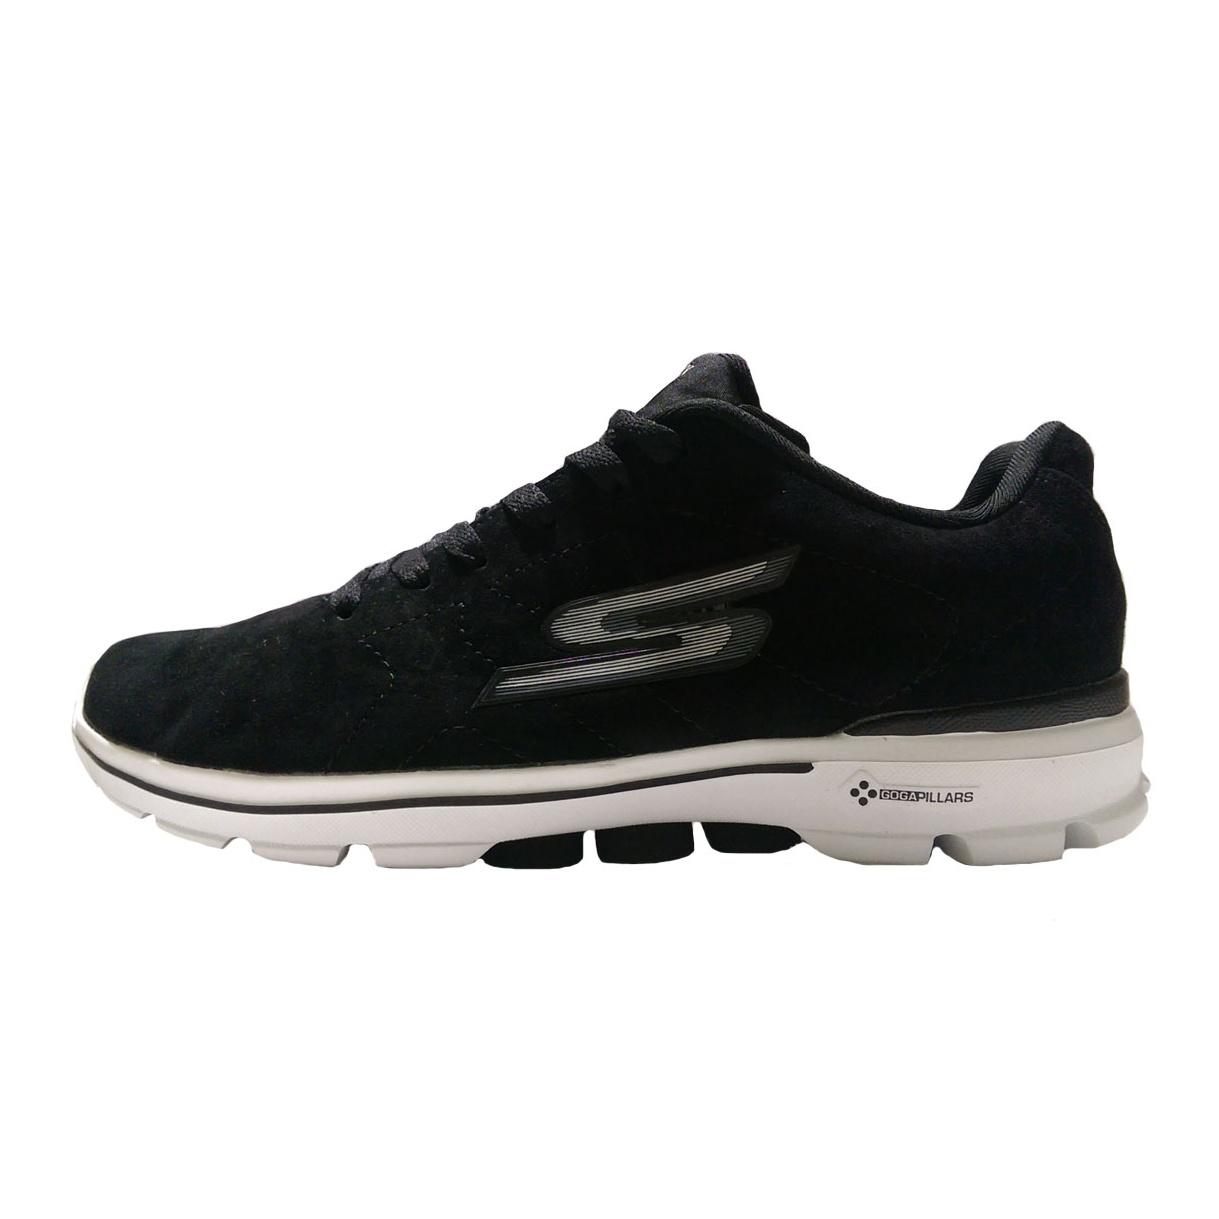 خرید                      کفش مخصوص پیاده روی  مردانه اسکچرز  مدل 01-Go Walk 3              👟